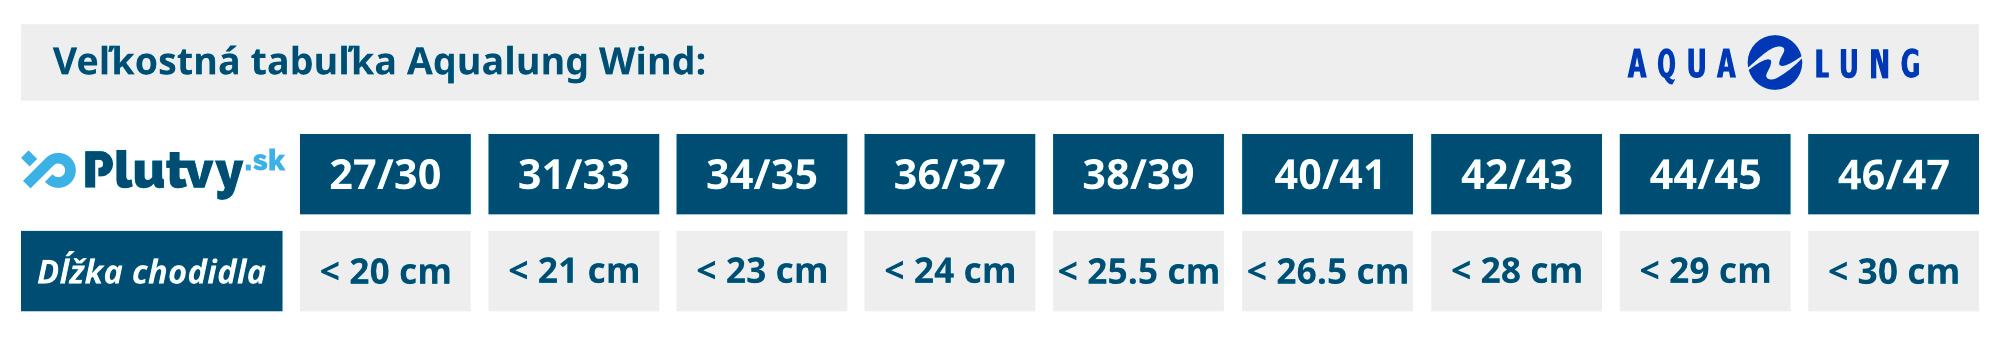 Veľkostná tabuľka plutiev Aqualung Wind plutvy.sk